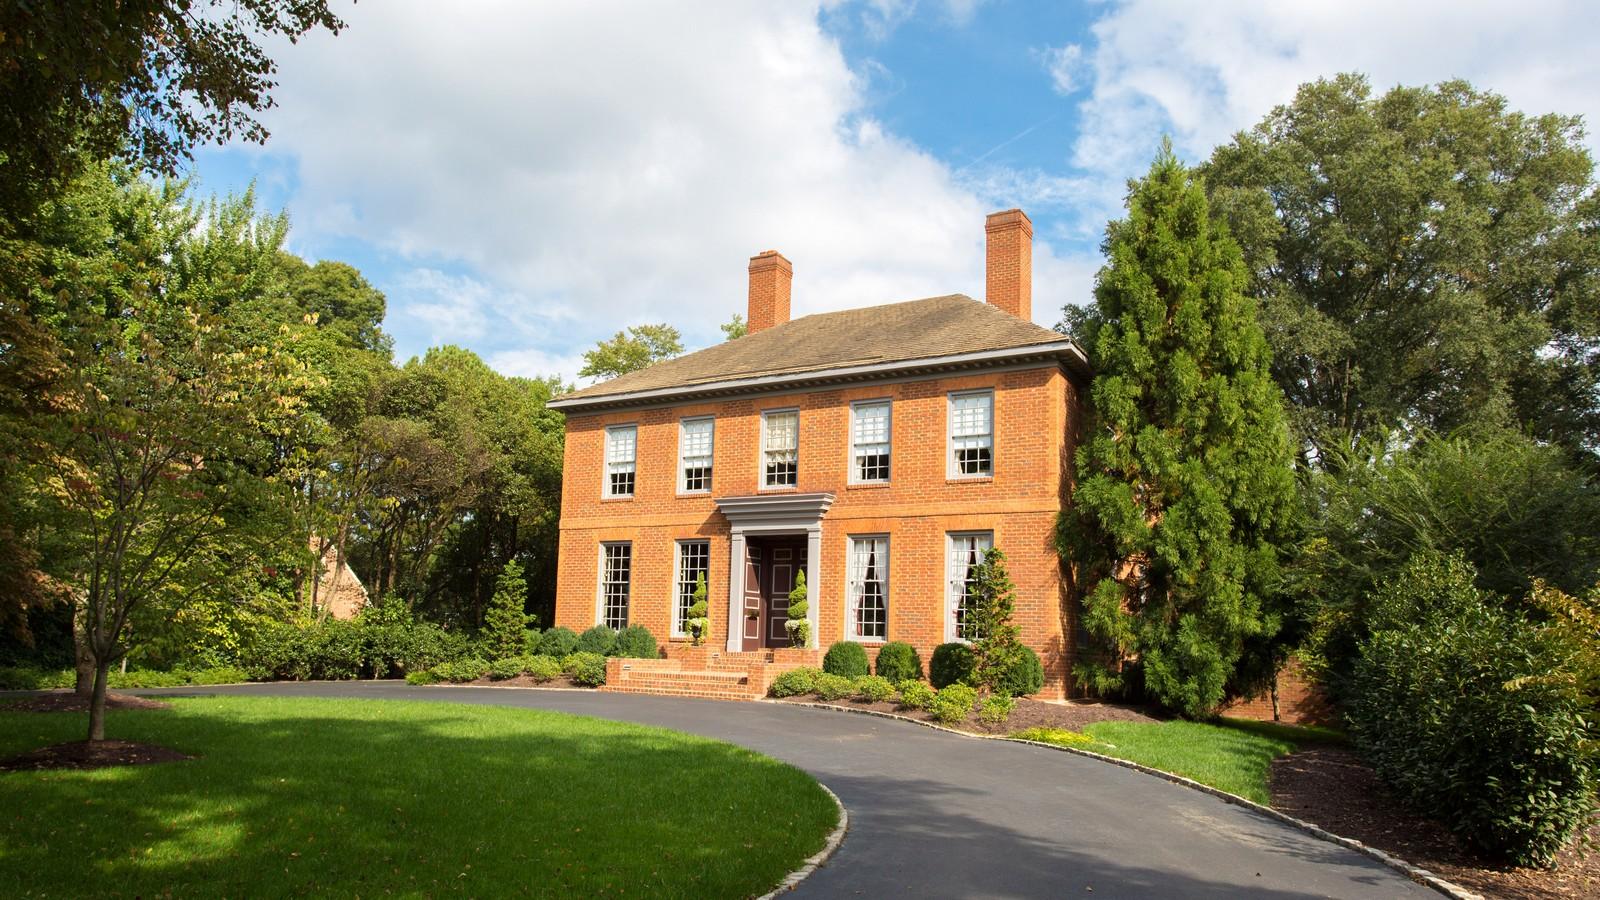 獨棟家庭住宅 為 出售 在 209 Nottingham Road, Richmond 209 Nottingham Rd Richmond, 弗吉尼亞州, 23221 美國